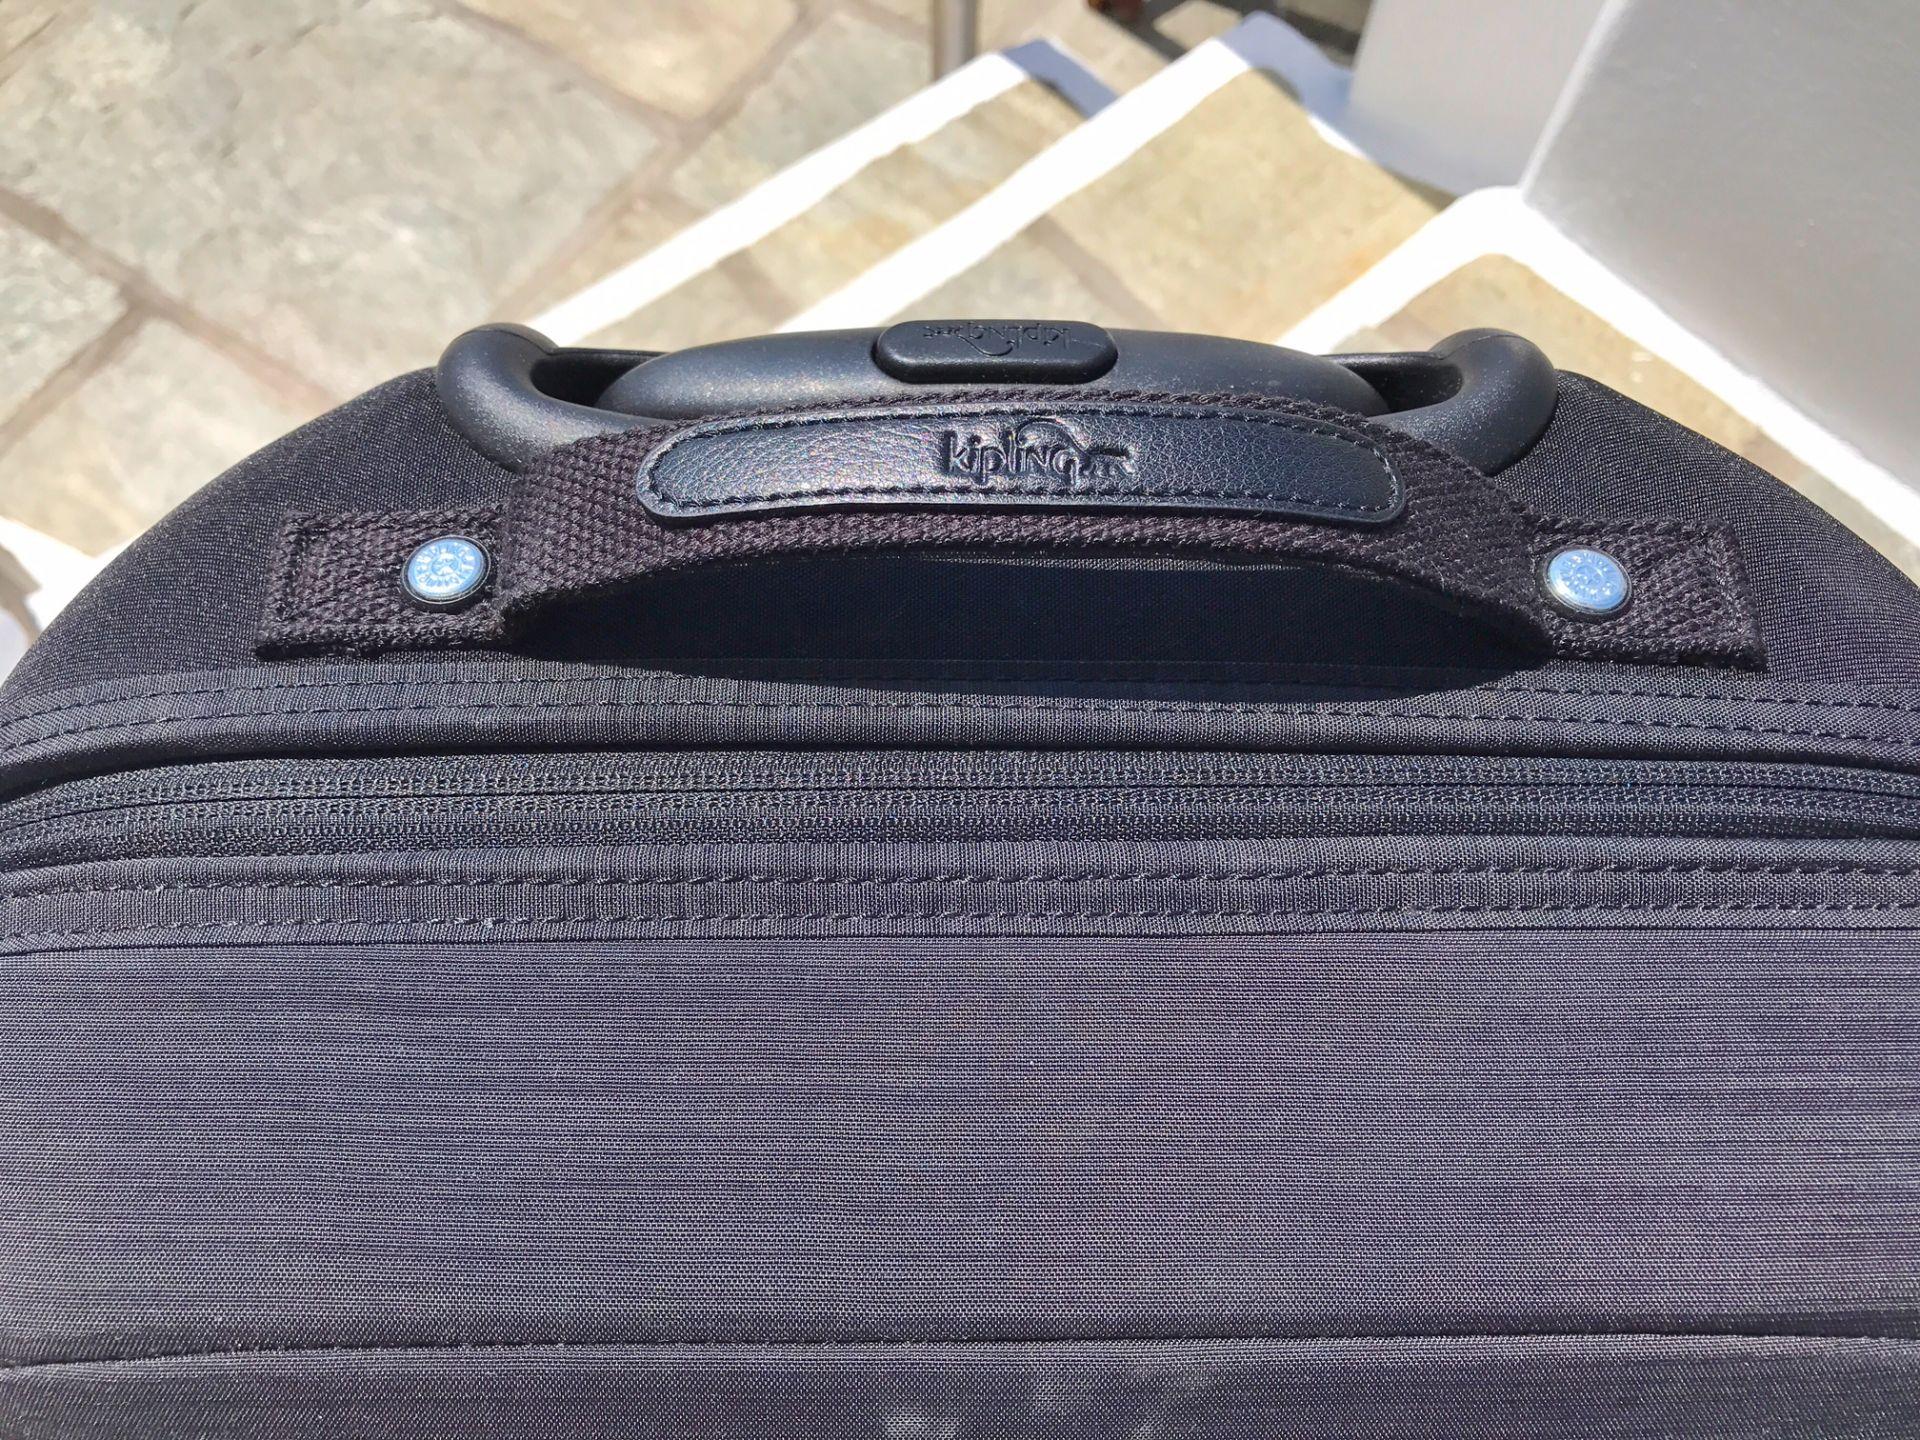 kipling-super-hybrid-s-cabin-size-suitcase